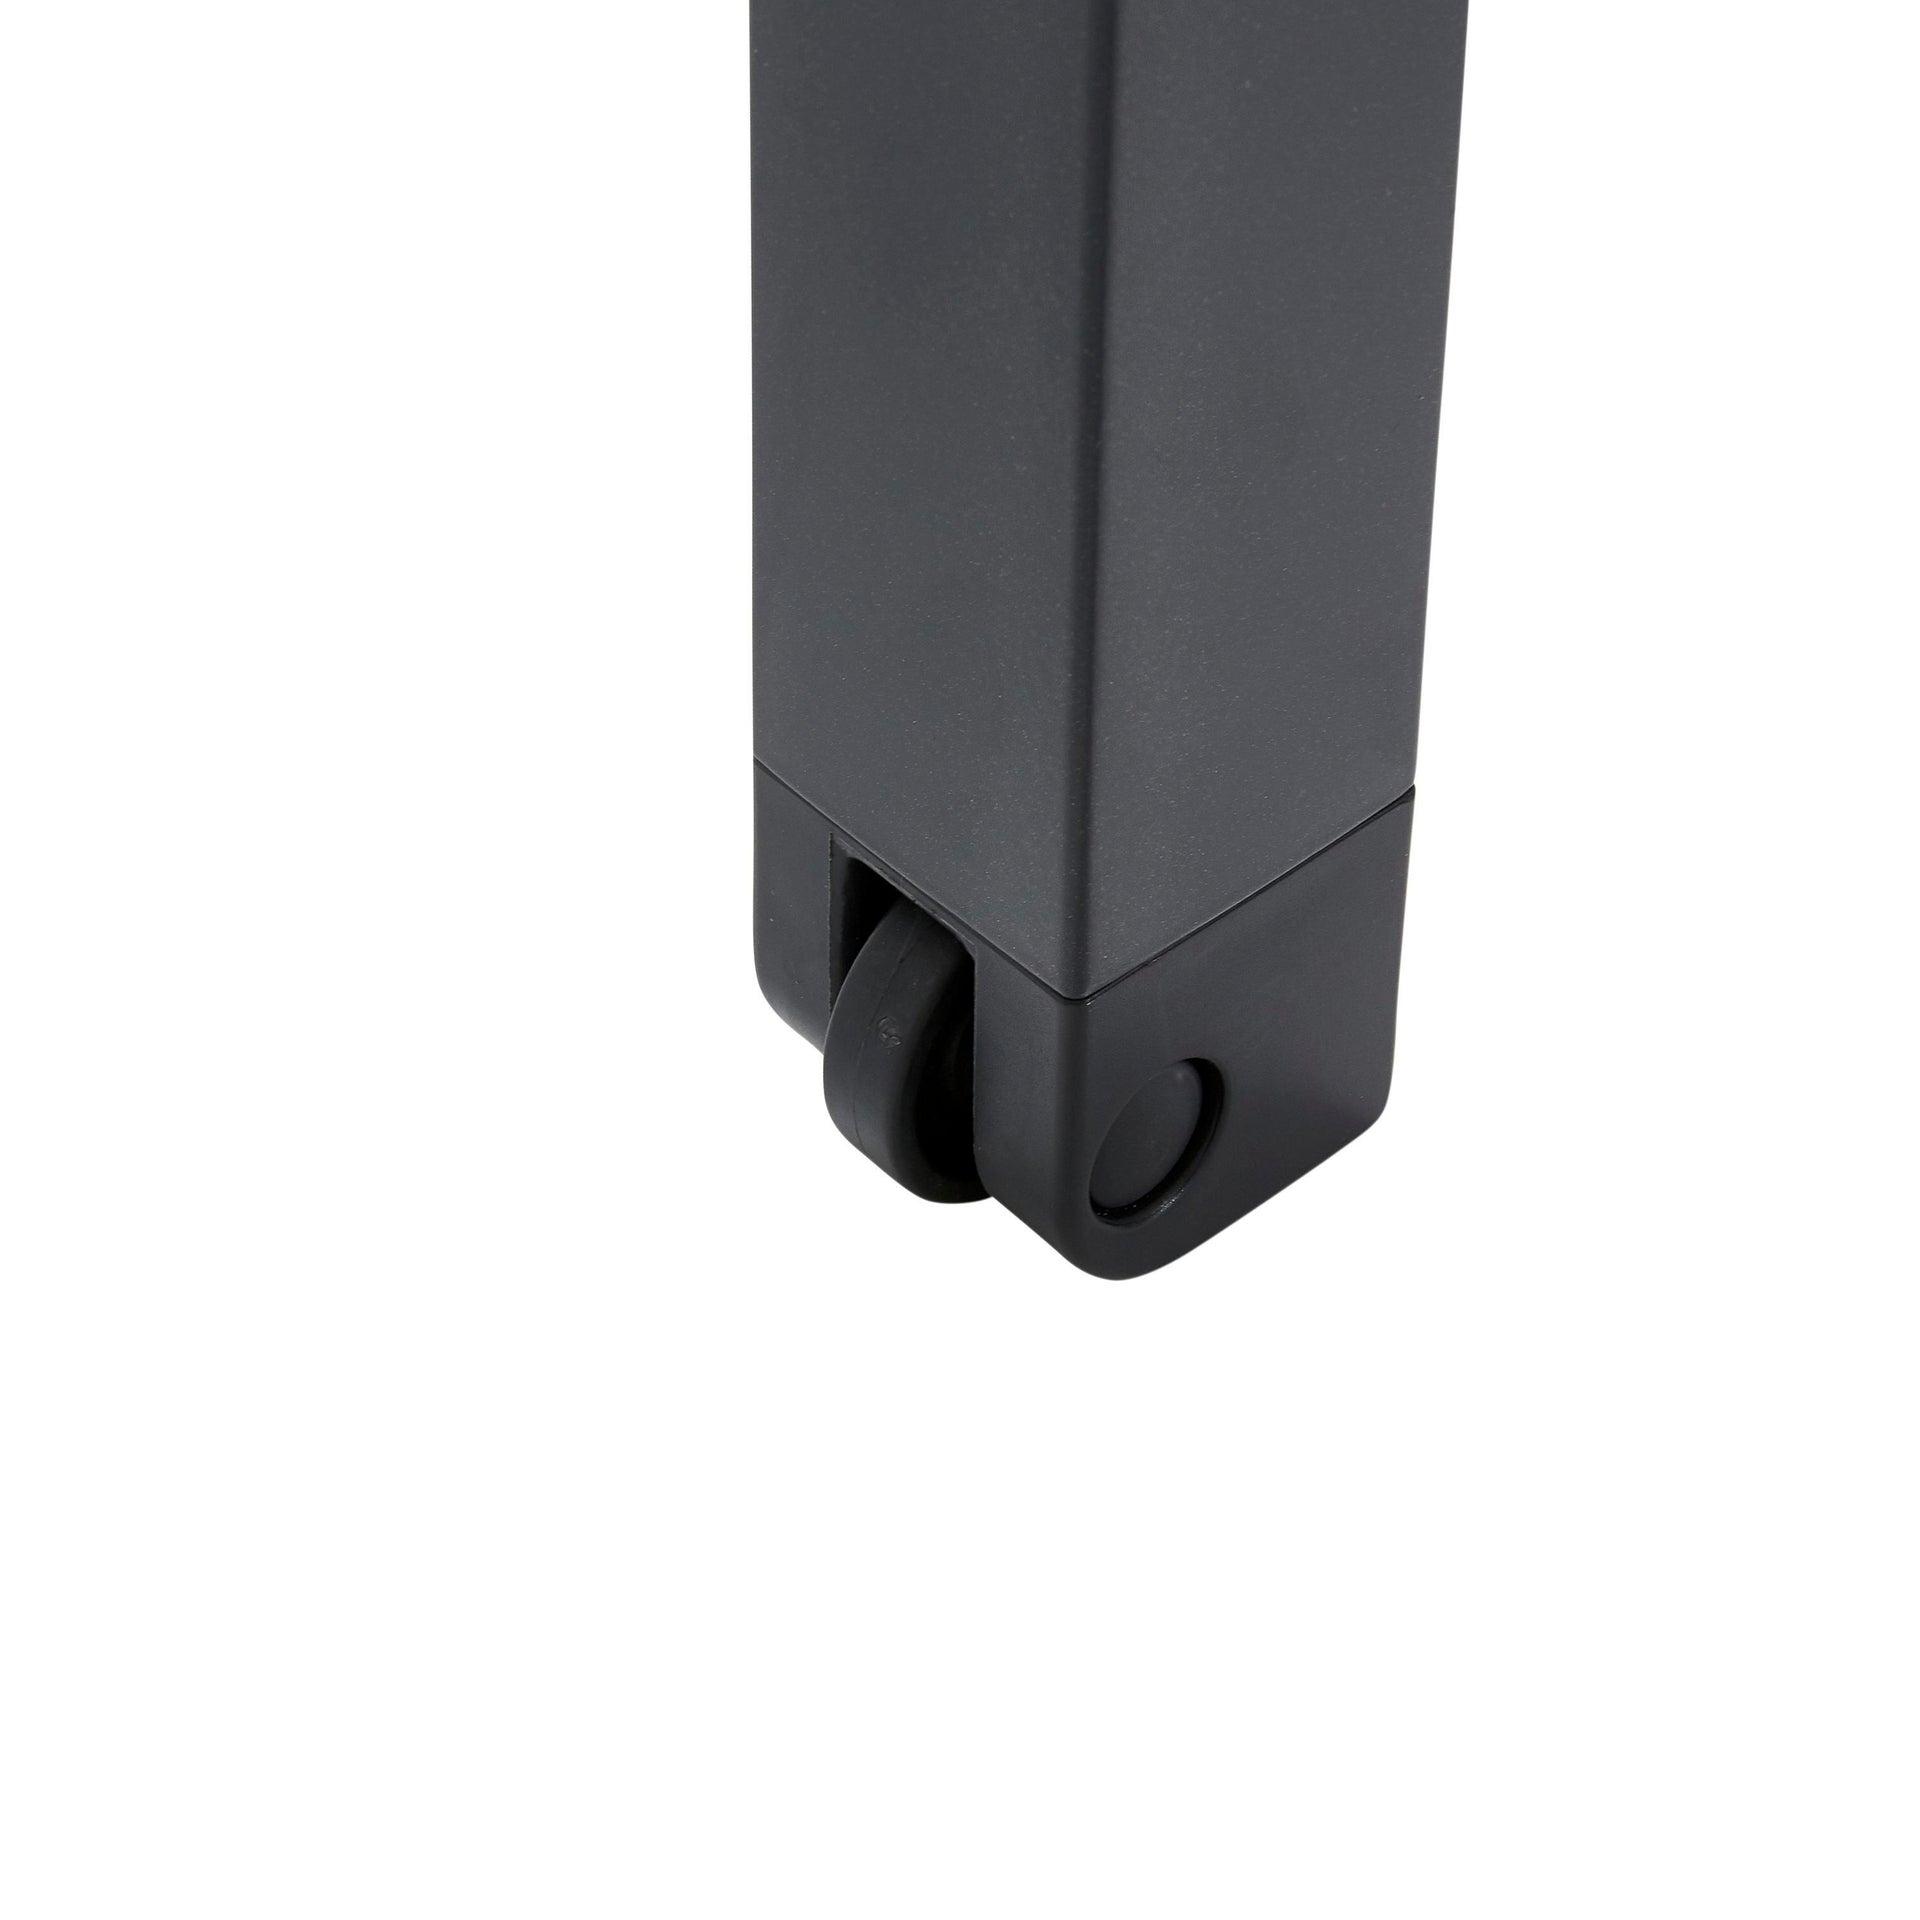 Lettino senza cuscino impilabile NATERIAL Aquila in alluminio grigio scuro - 8